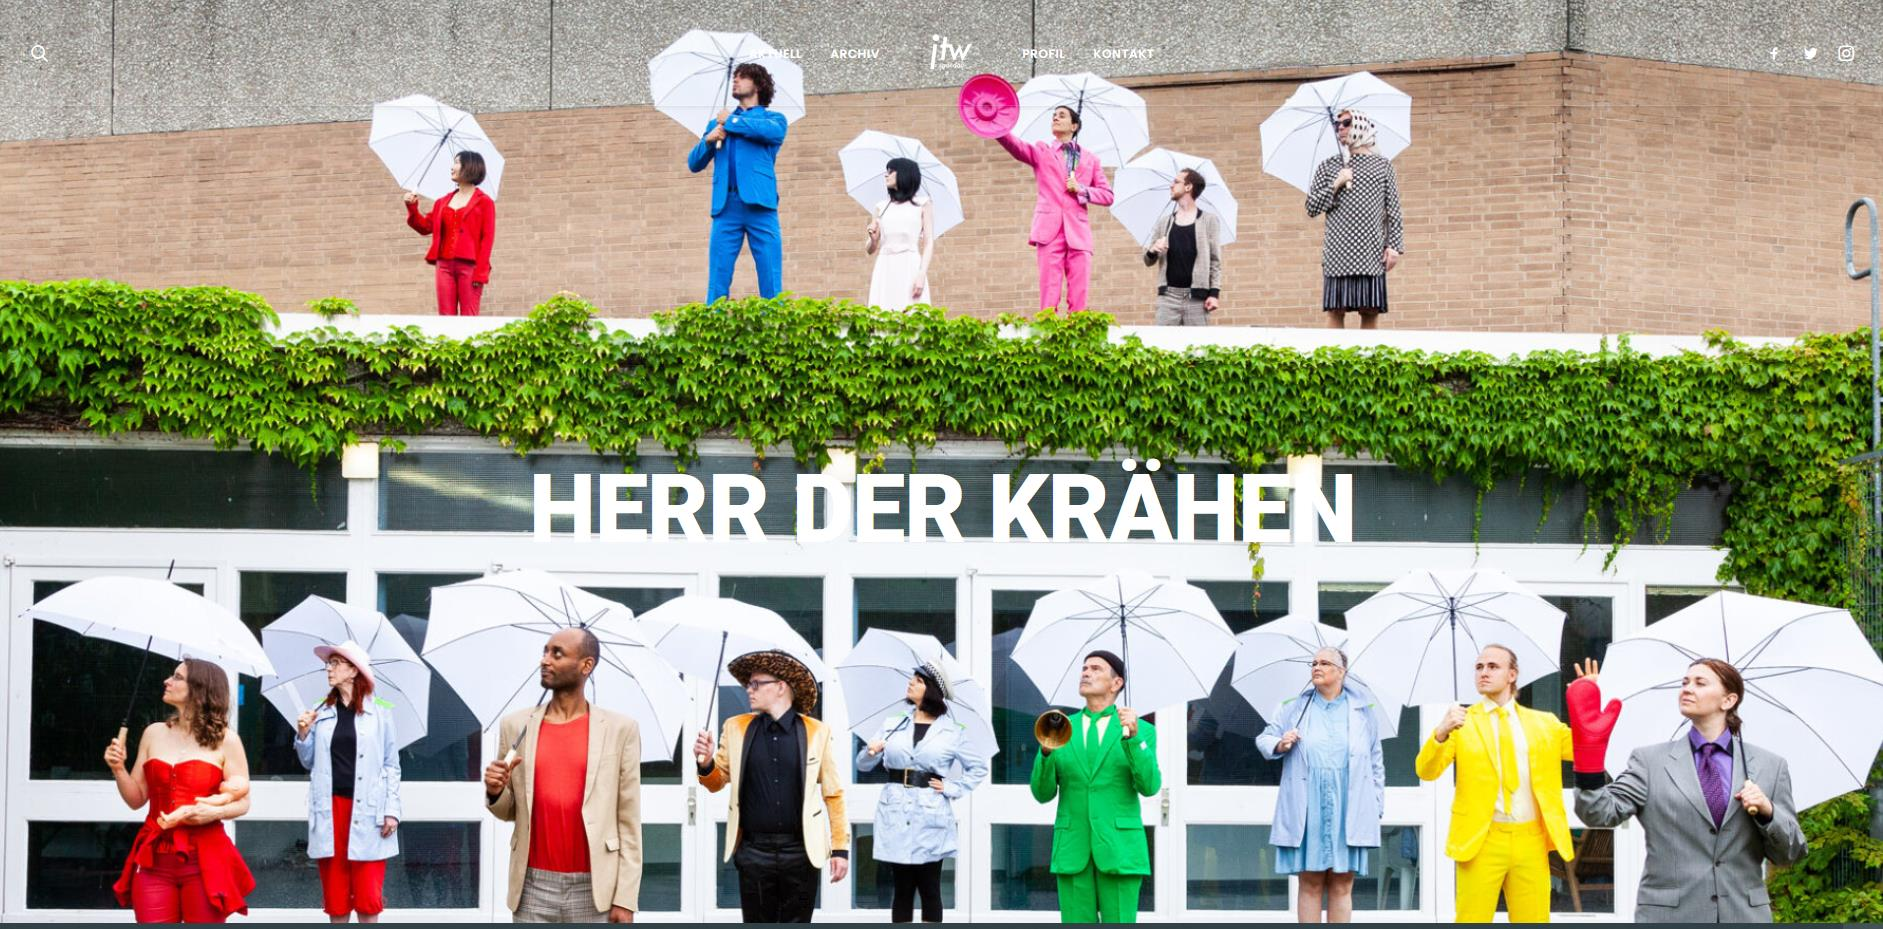 """© Foto und Grafik: Patryk Witt, www.jtw-spandau.de, Screenshot . Menschen in bunter Kleidung schauen alle in einer Richtung nach oben und halten aufgeklappte weiße Regenschirme in ihren Händen. Sie stehen vor einer Eingangsfront mit weißen Fensterrahmen und auf dem efeubewachsenen Vordach des Eingangs. Auf den waagerechten Fenstern der Eingangsfront steht in weißen Lettern """"HERR DER KRÄHEN""""."""